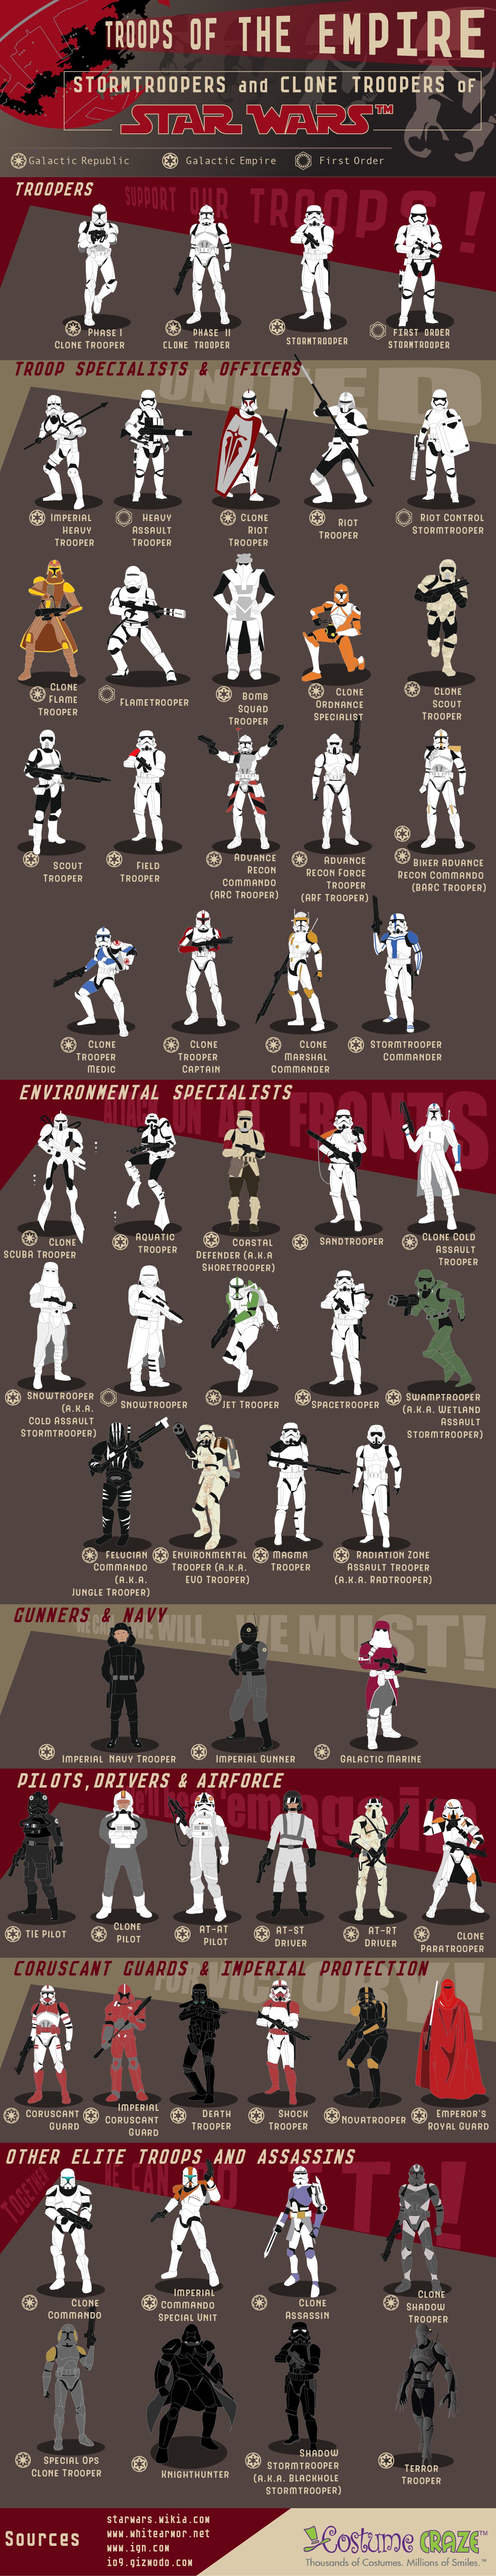 stormtroopers-clone-troopers-star-wars